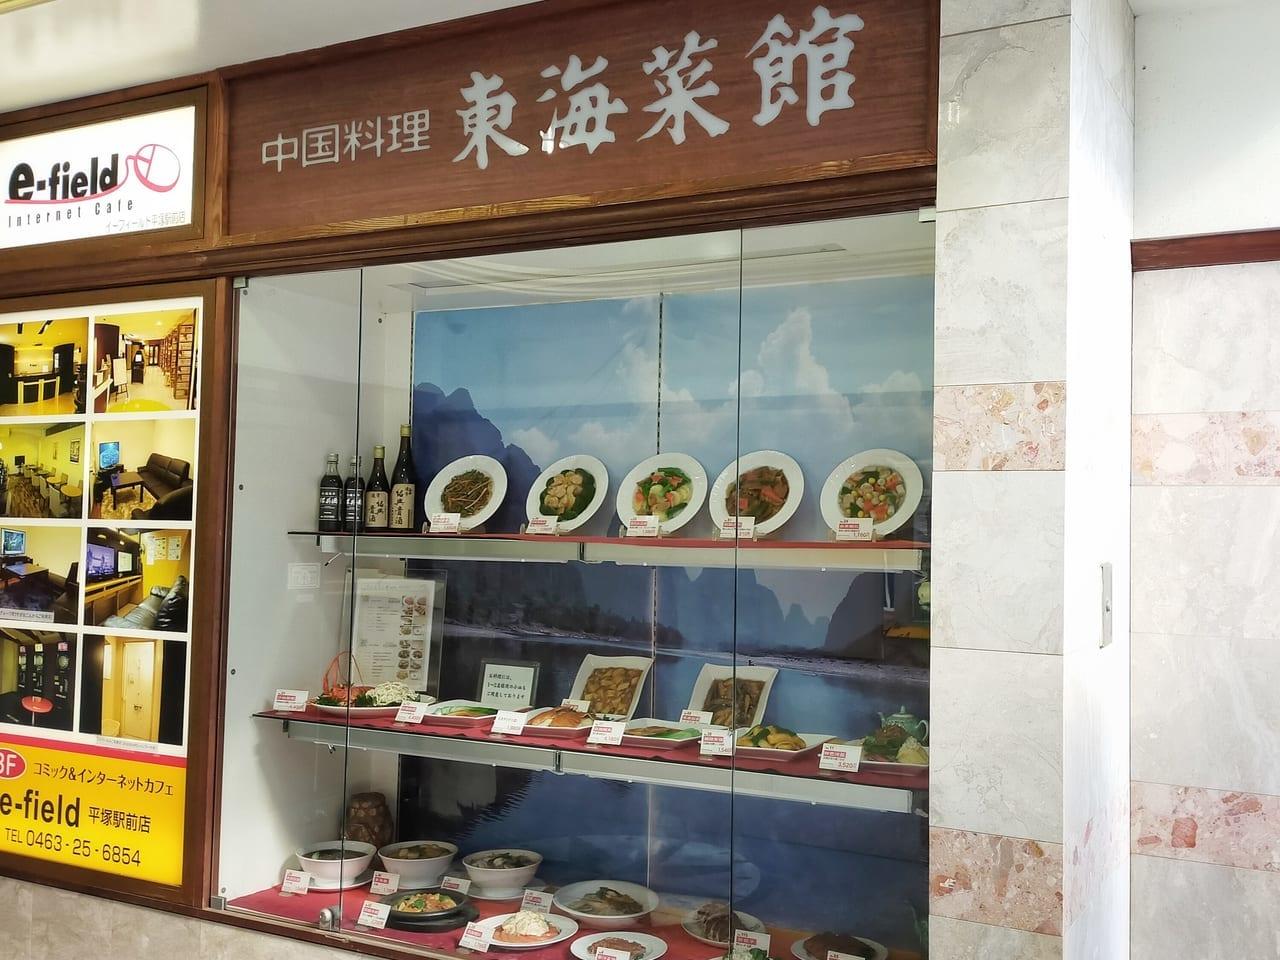 緊急事態宣言を受け、中華料理の「東海菜館」が2021年1月12日(火)から休業中です。